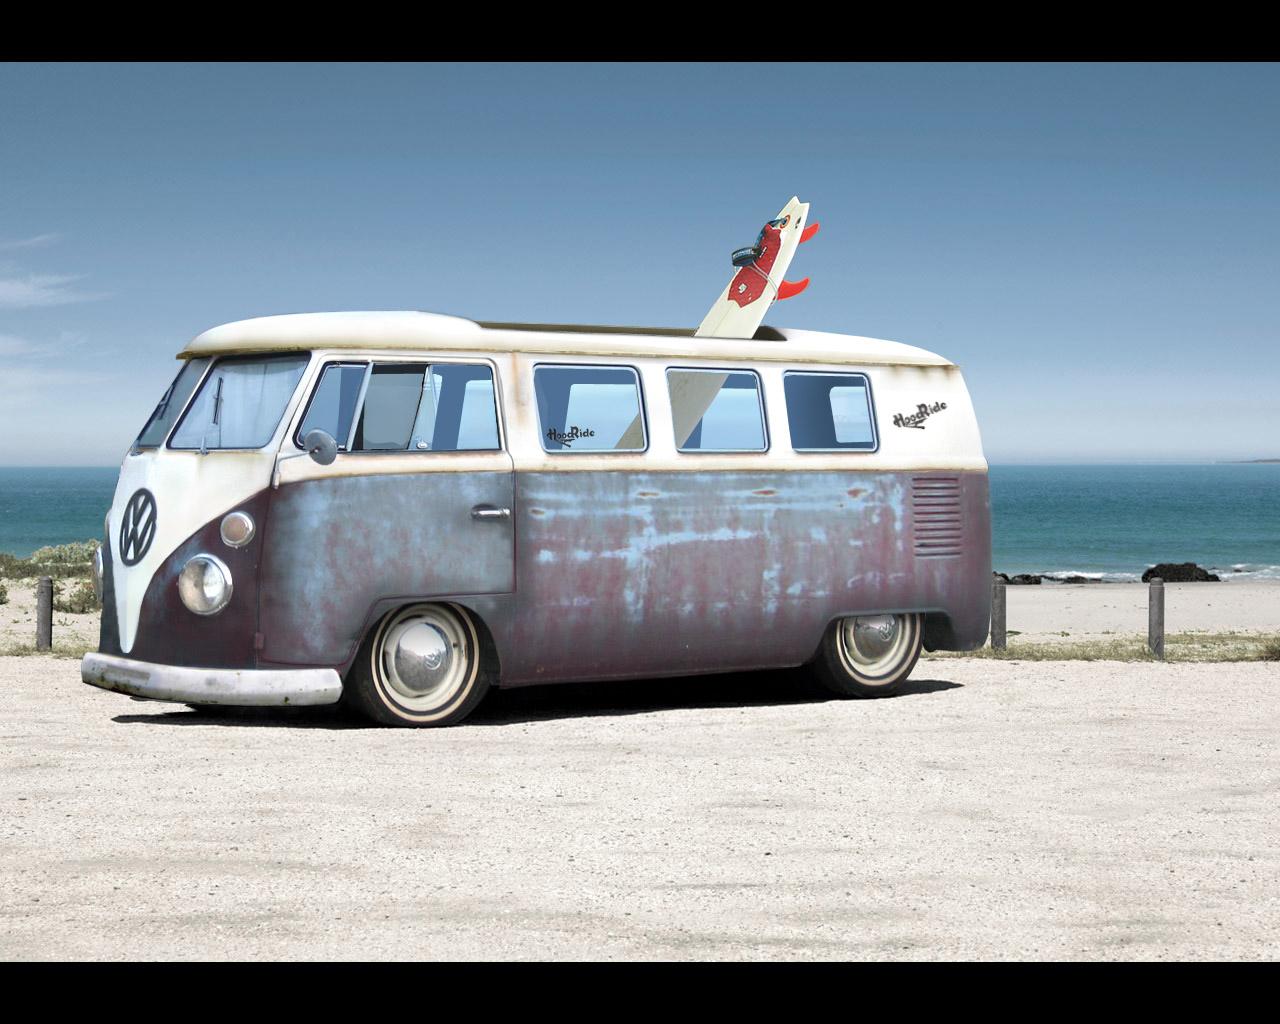 beach vw volkswagen combi van bus wallpaper 1280x1024jpg 1280x1024